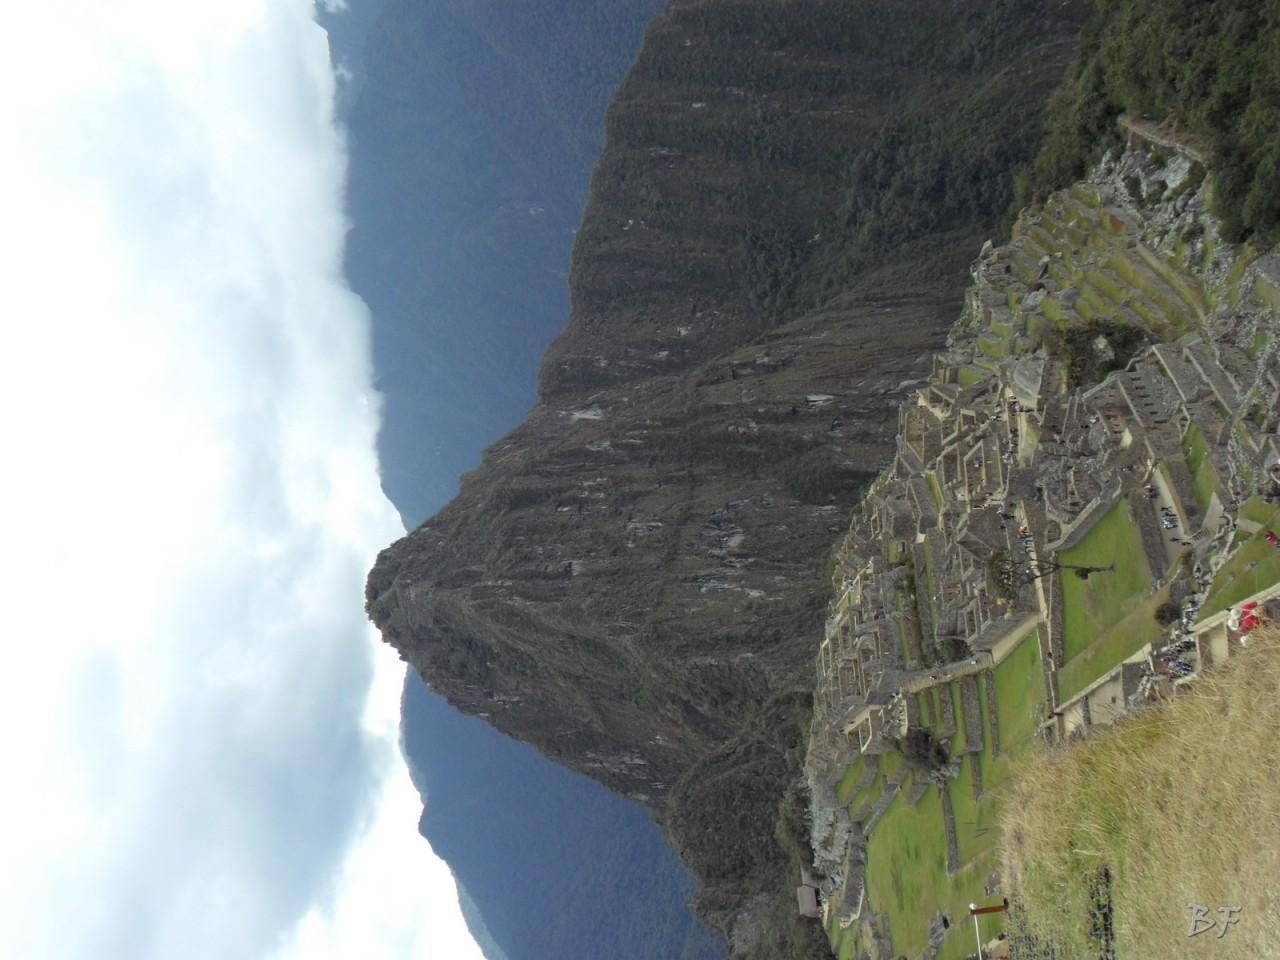 Mura-Poligonali-Incisioni-Altari-Edifici-Rupestri-Megaliti-Machu-Picchu-Aguas-Calientes-Urubamba-Cusco-Perù-67